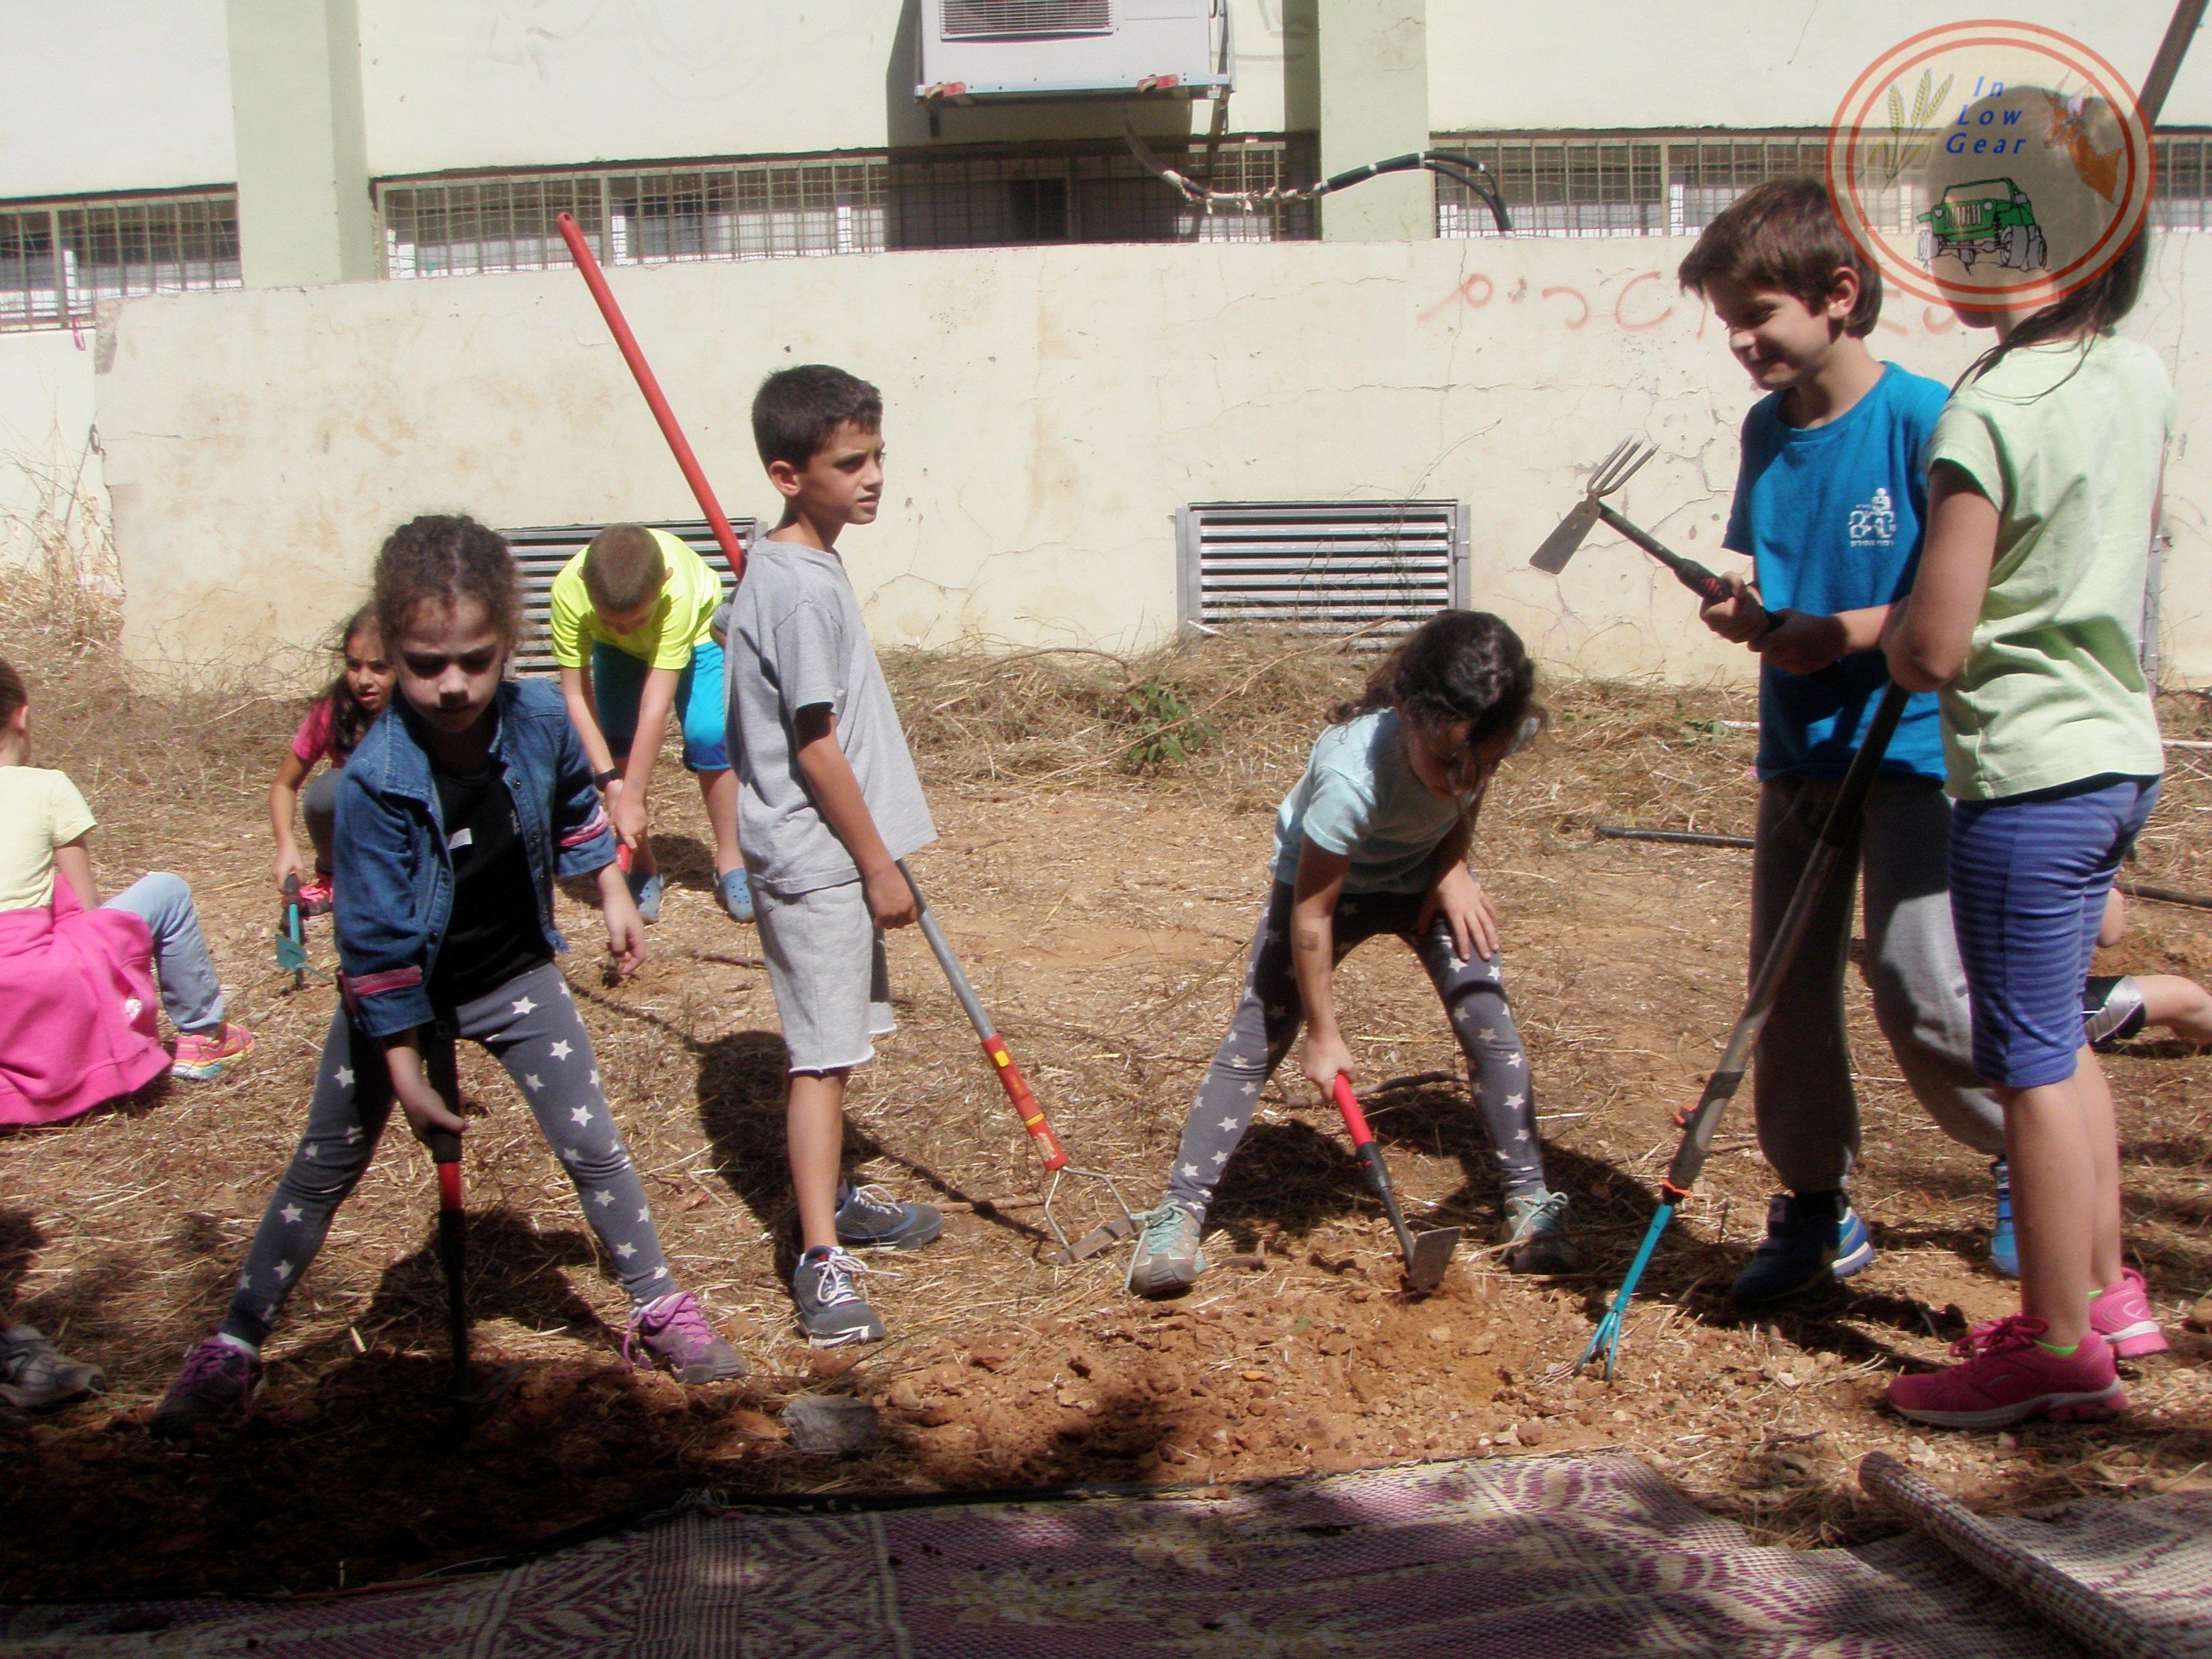 פרמקלצ'ר לילדים: לומדים ומתמחים עם כלי העבודה